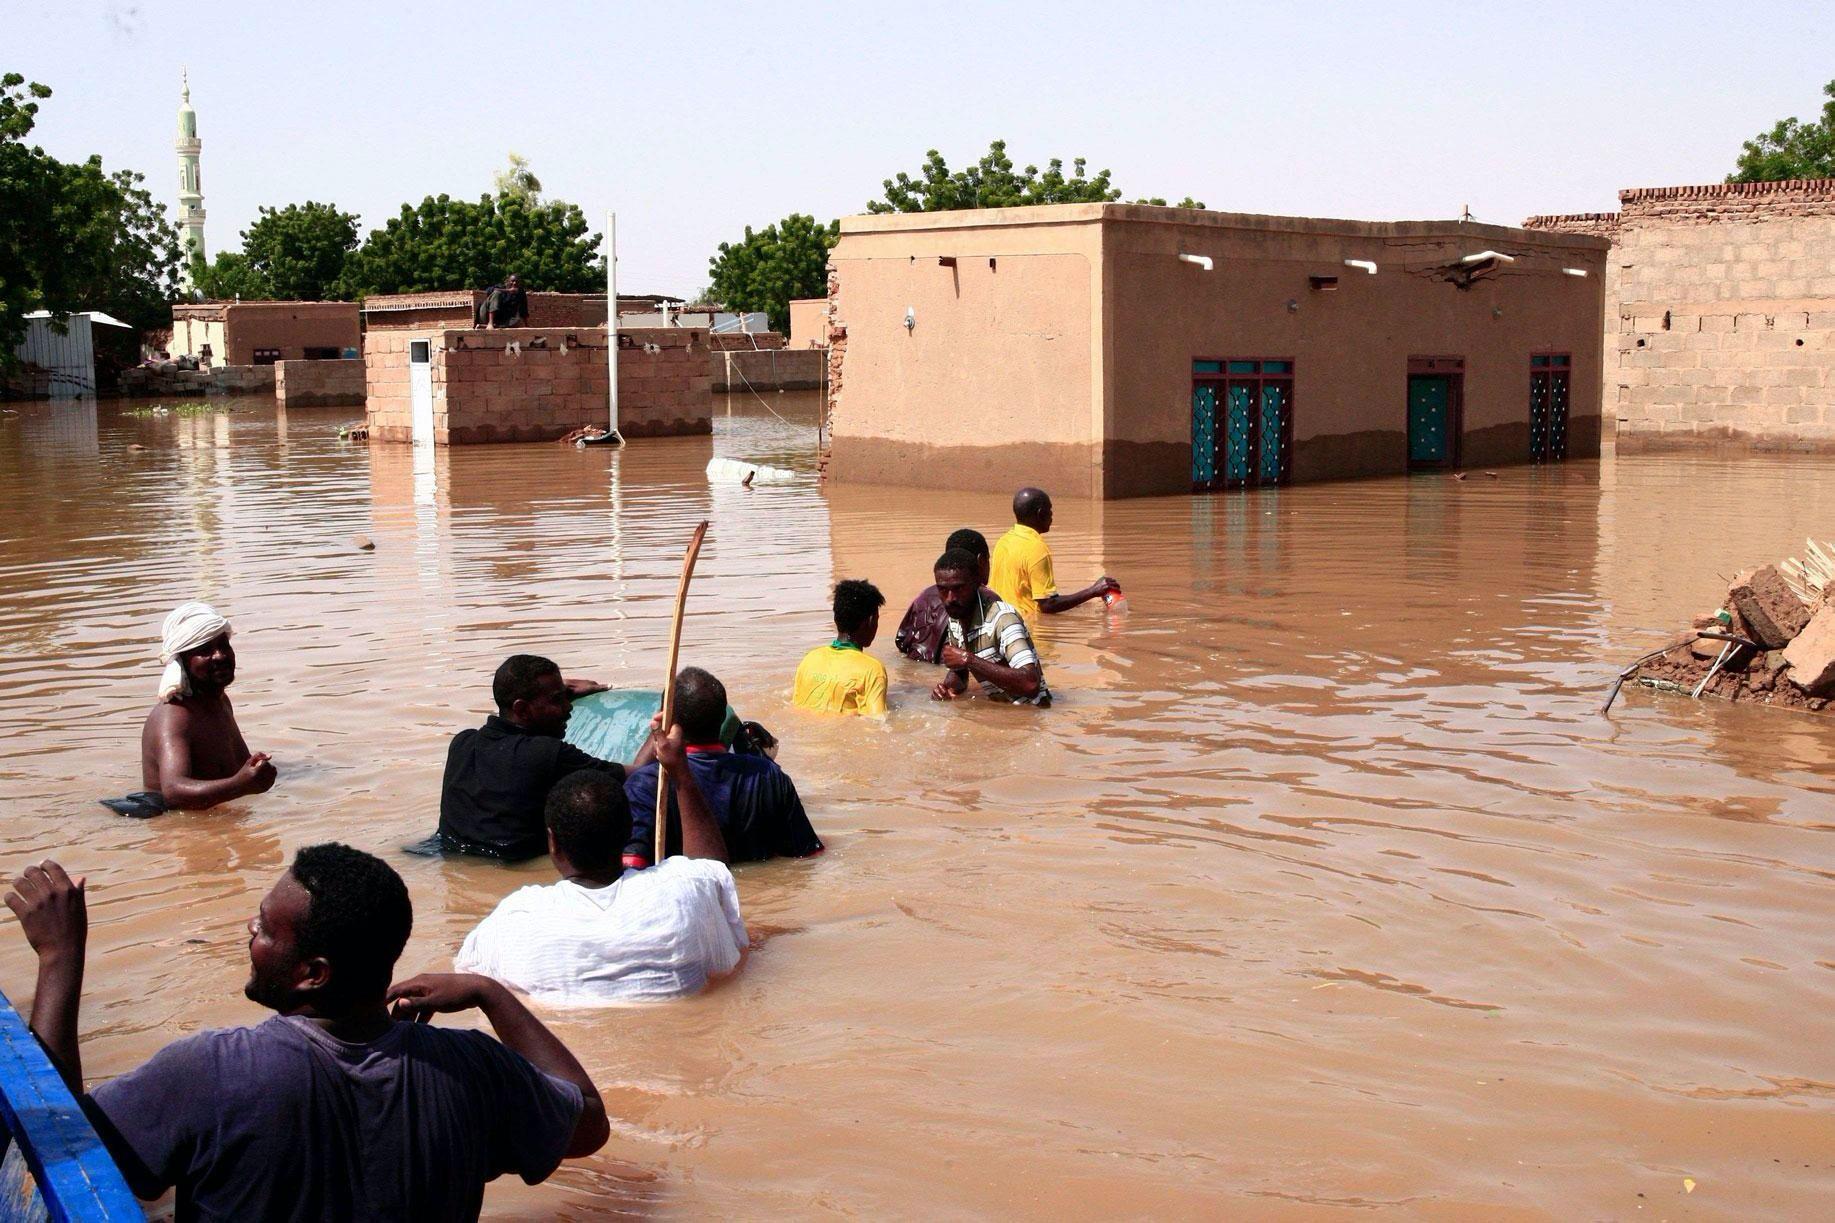 فيضانات السودان تتجاسر هل الانسانية تحتضر In 2020 Sudan Niger Outdoor